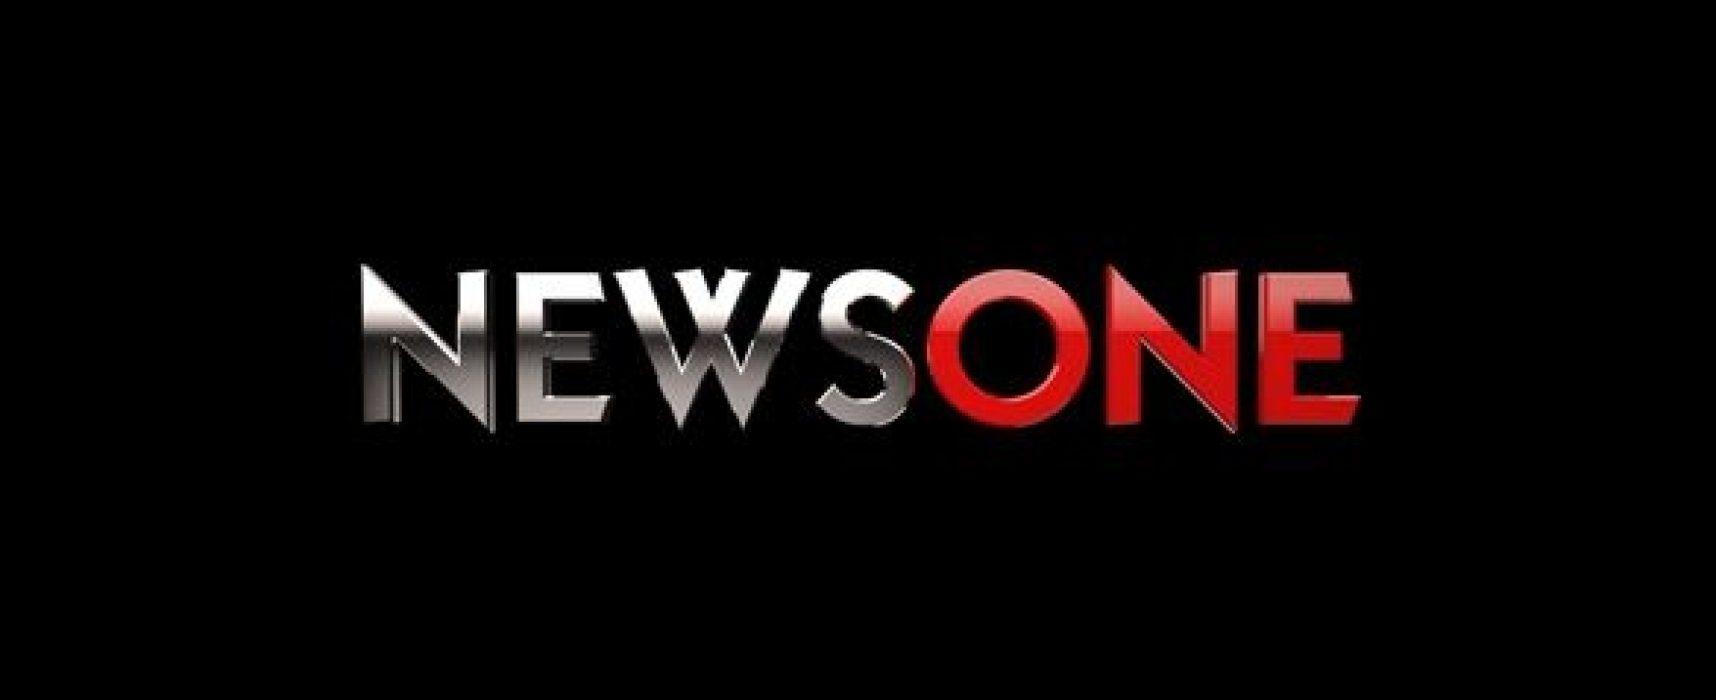 Нацрада позапланово перевірить NewsOne через карту з російським Кримом